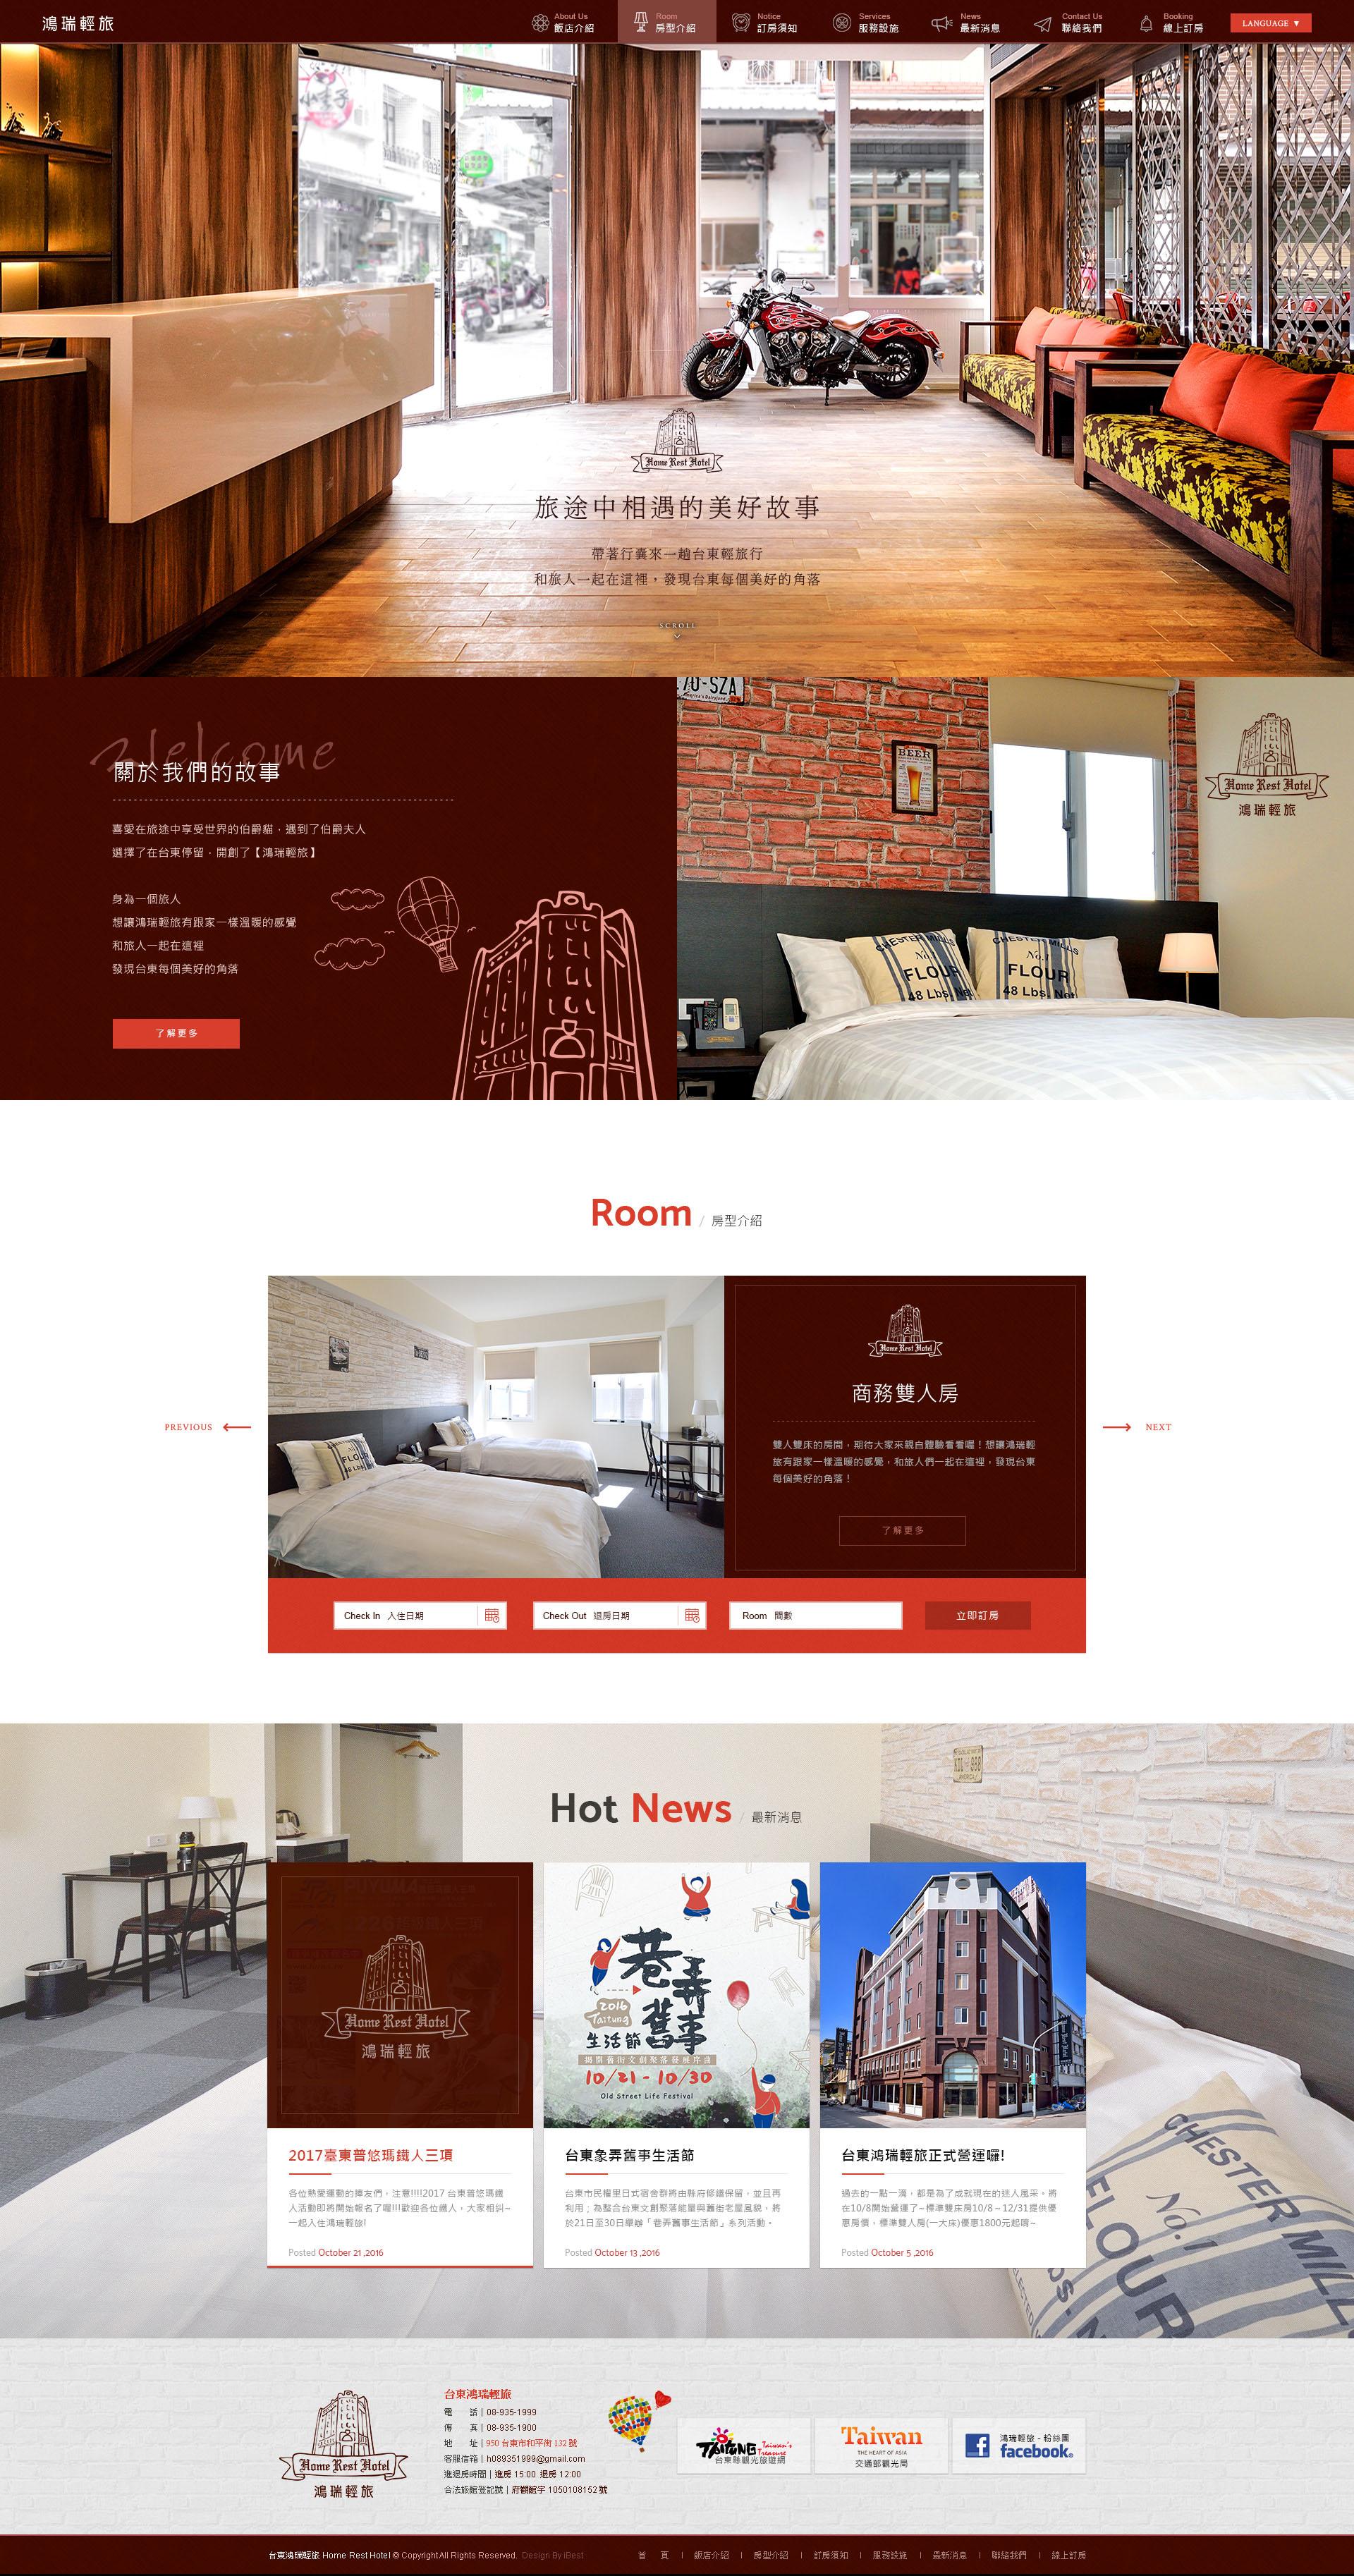 台東鴻瑞輕旅-網頁設計